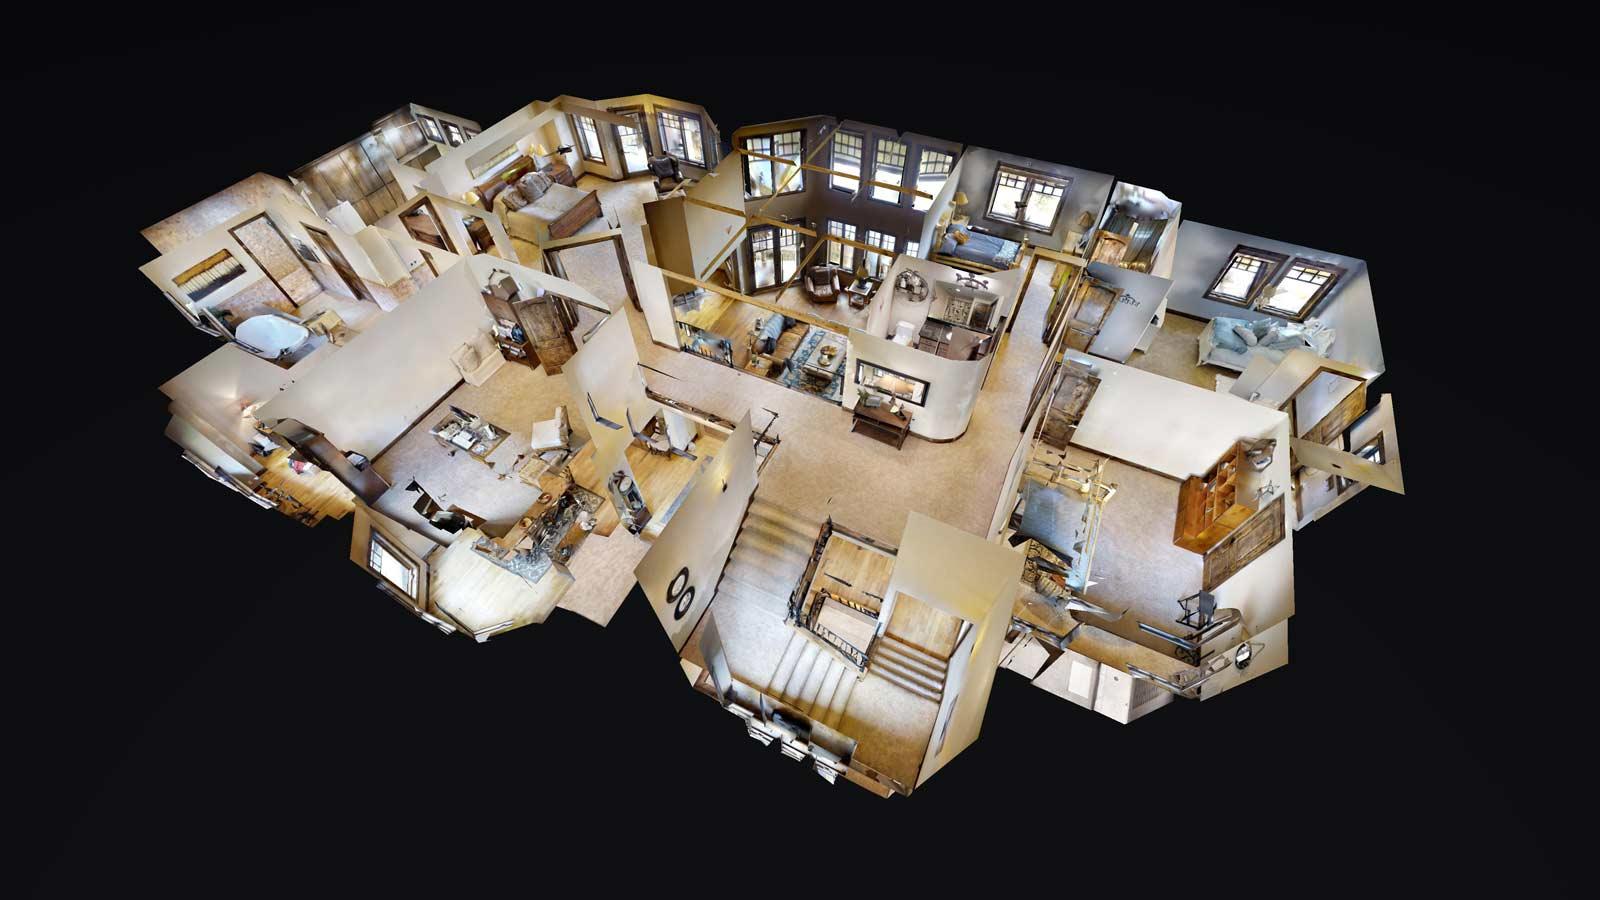 Matterport Virtual Tour Dollhouse View